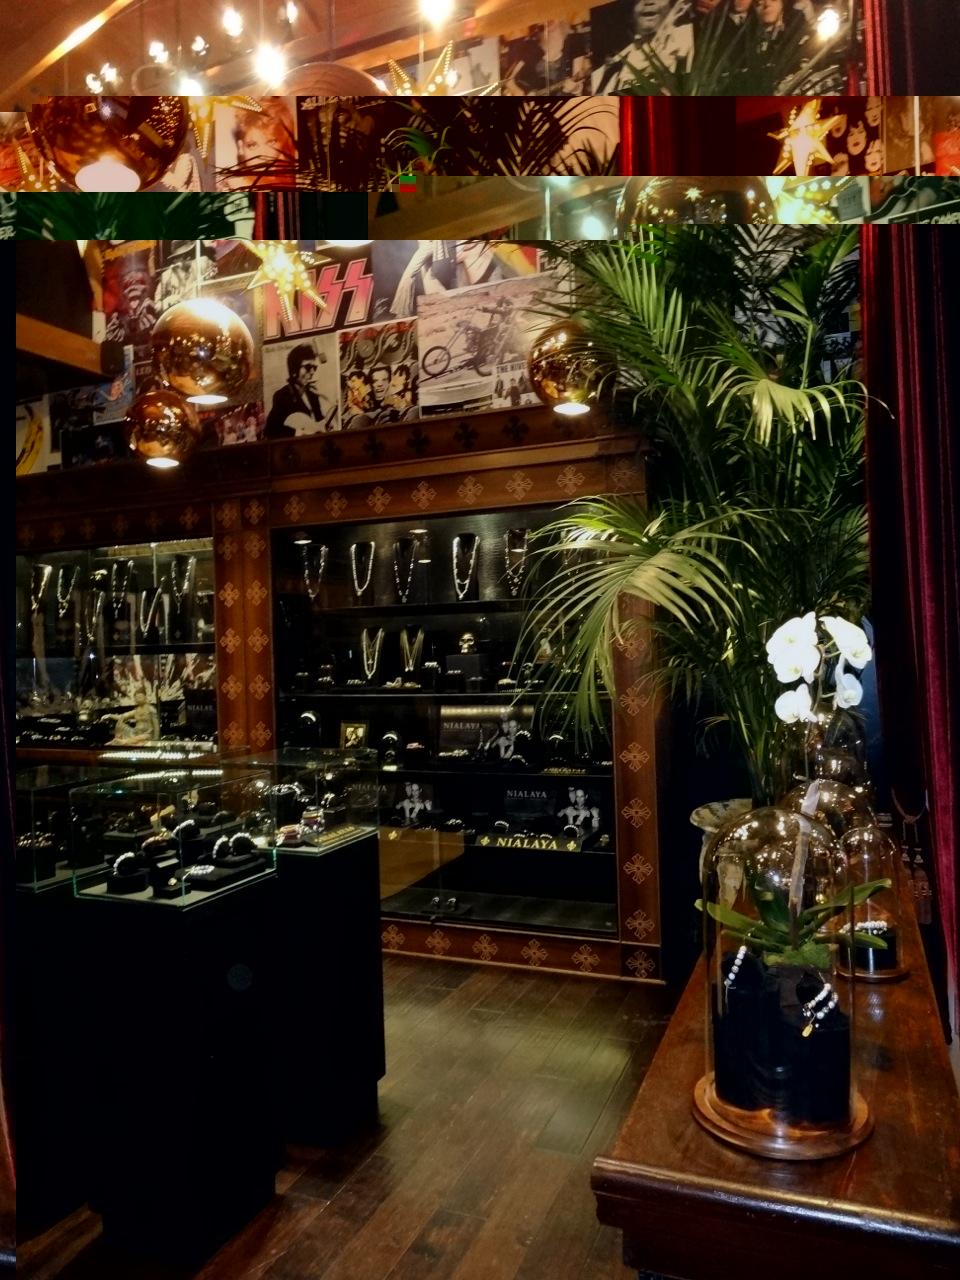 Jannik Nialaya Los Angeles Store 9